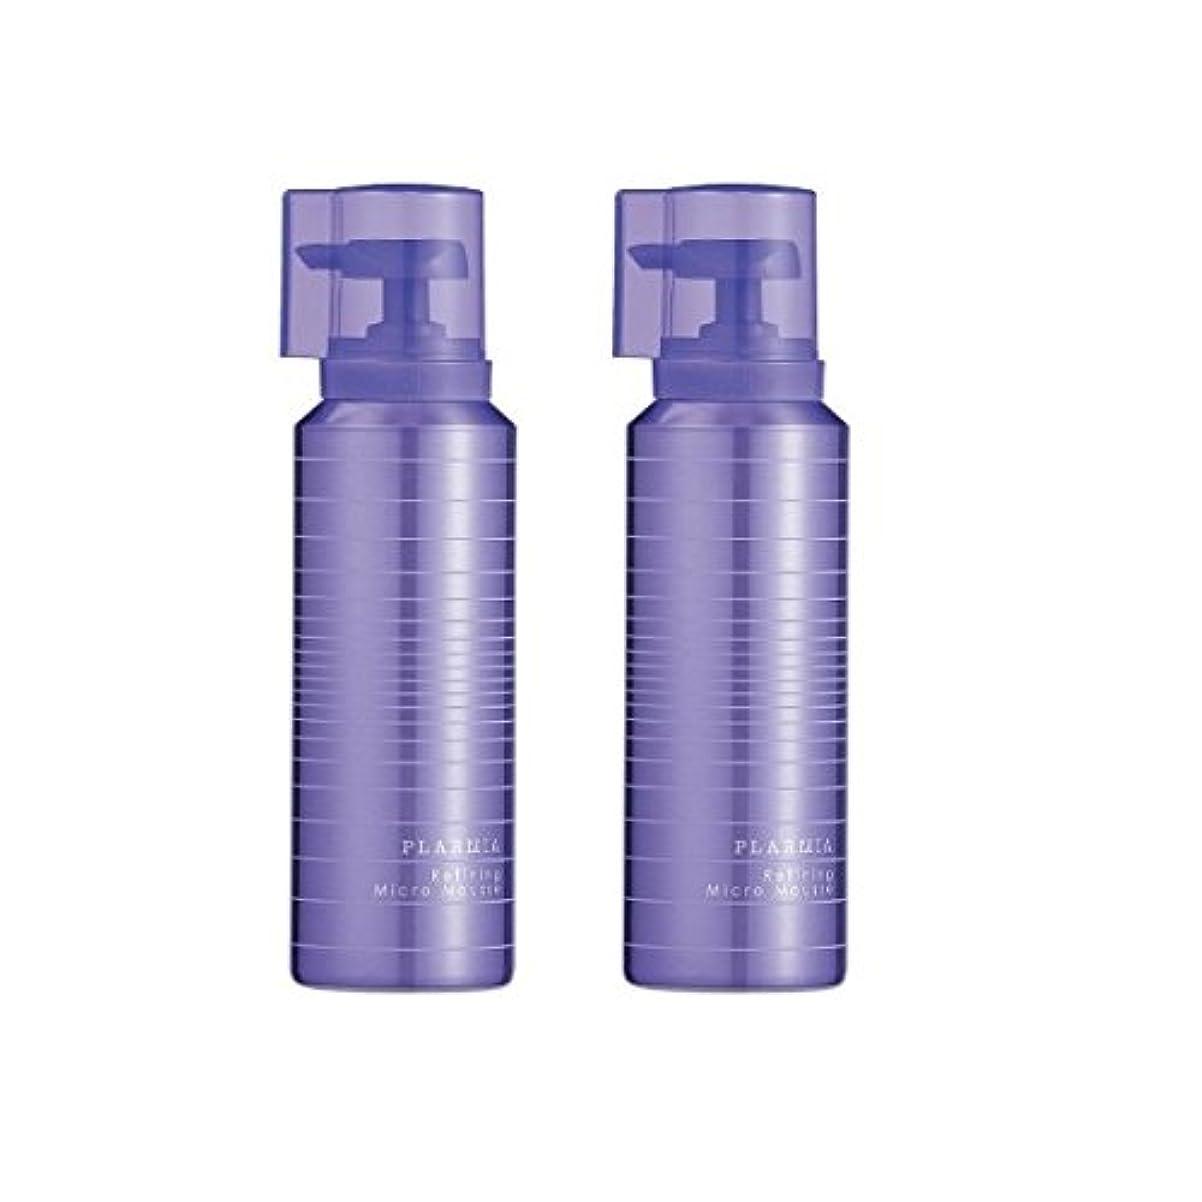 蒸留する介入する罪悪感ミルボン プラーミア リファイニング マイクロムース 170g ×2個 セット